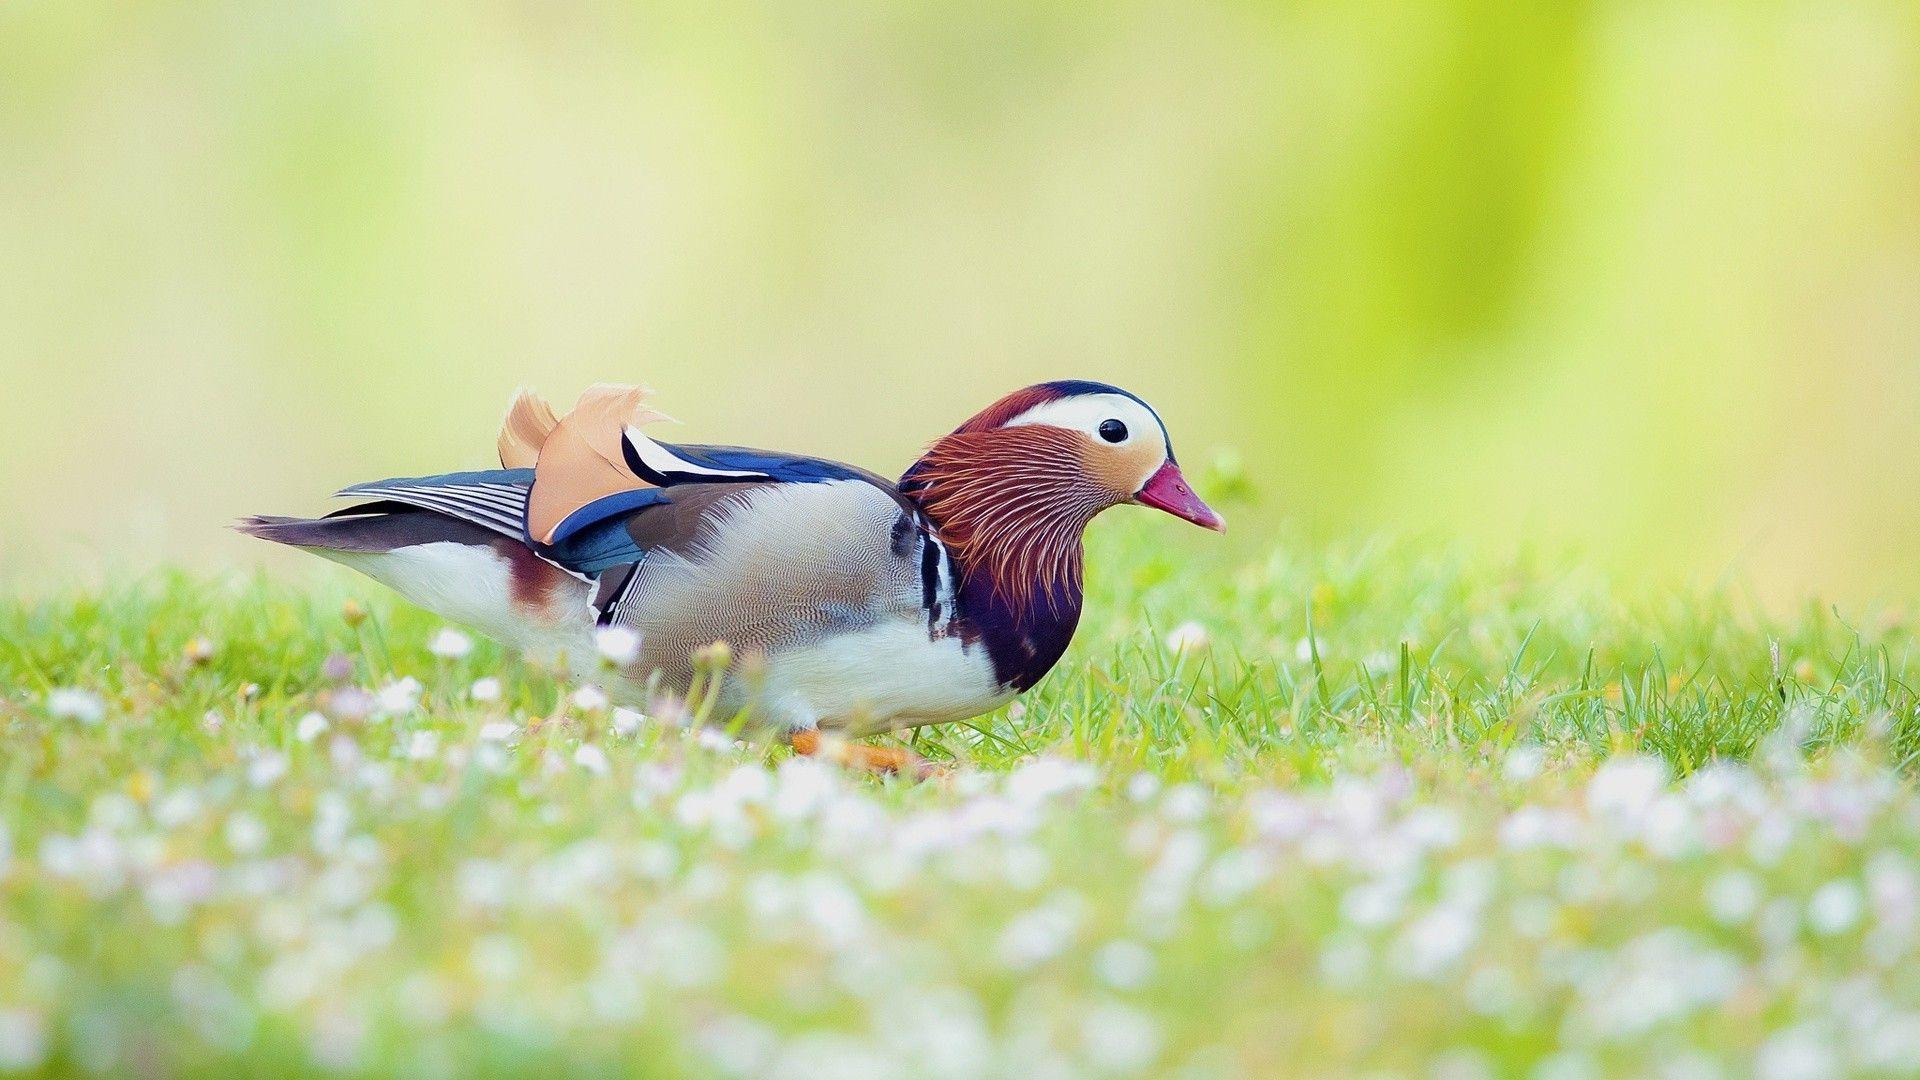 Mandarin Ducks Wallpaper